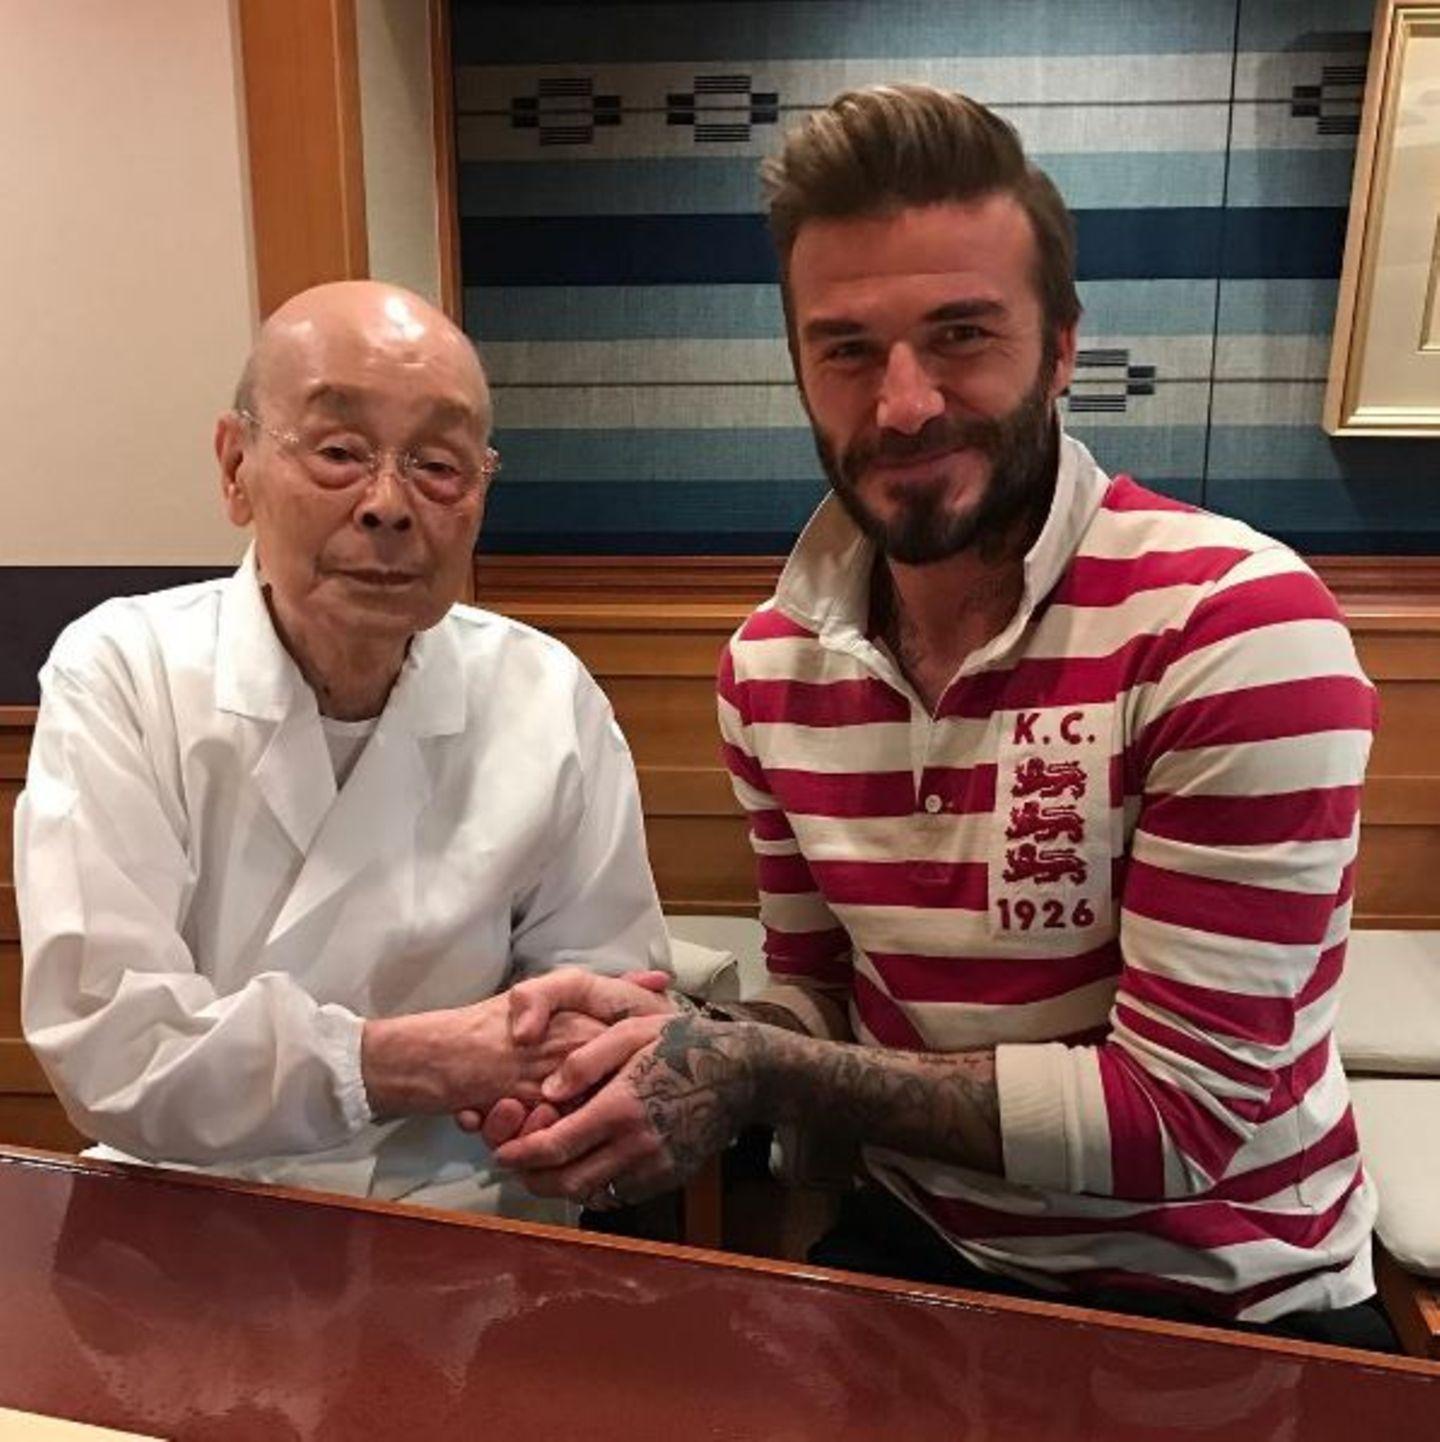 November 2016   David Beckham bedankt sich bei beim Gastronom Jiro San mit diesem Post für das köstliche Essen. Gleich zweimal in fünf Wochen hat er sich die japanische Küche schmecken lassen.